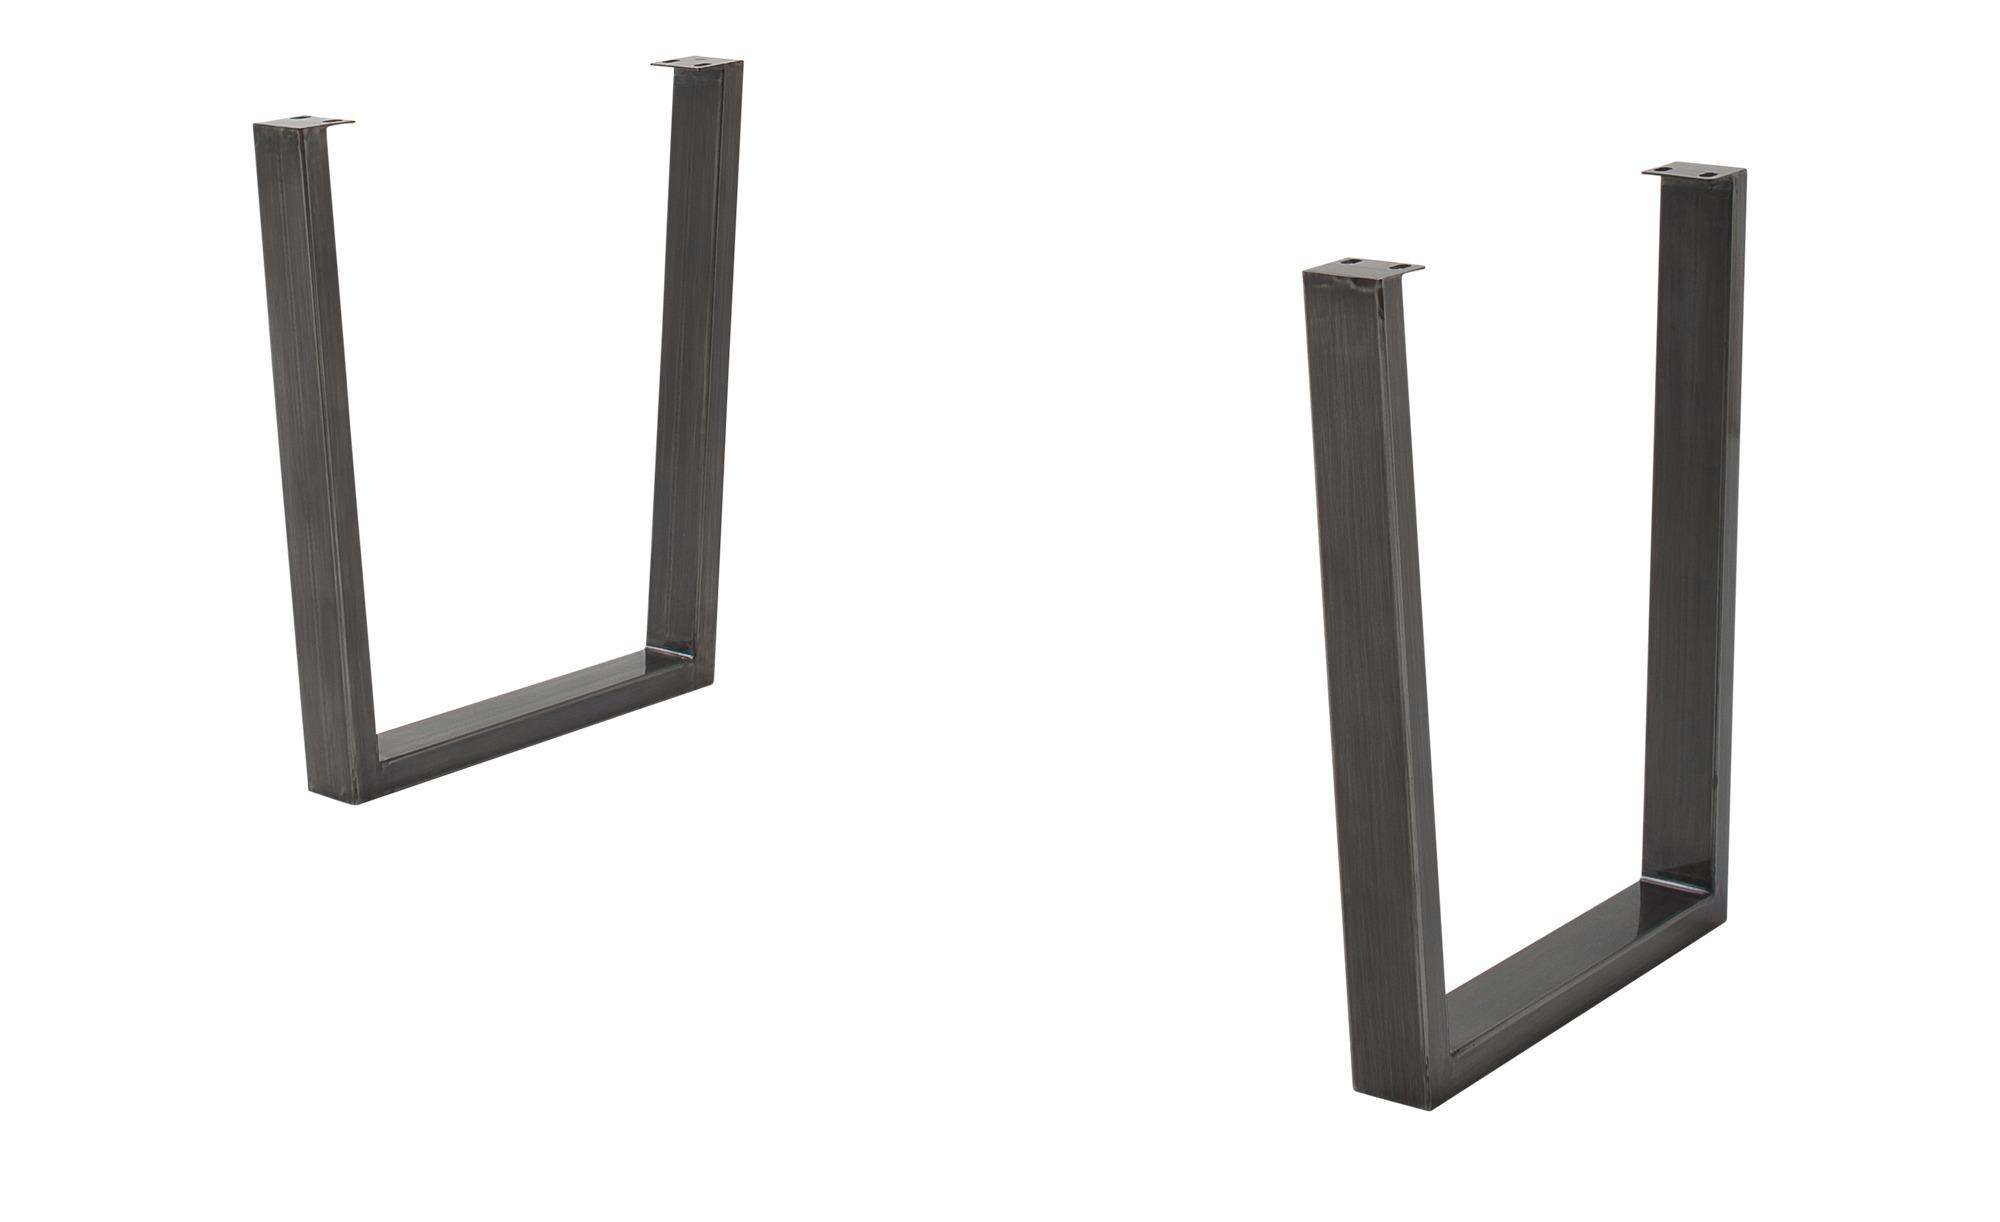 Woodford Tischgestell  Alabria - Metall, gewischt - 73 cm - 74 cm - 8 cm - Tische > Tischbeine - Möbel Kraft   Wohnzimmer > Tische > Weitere Tische   Woodford